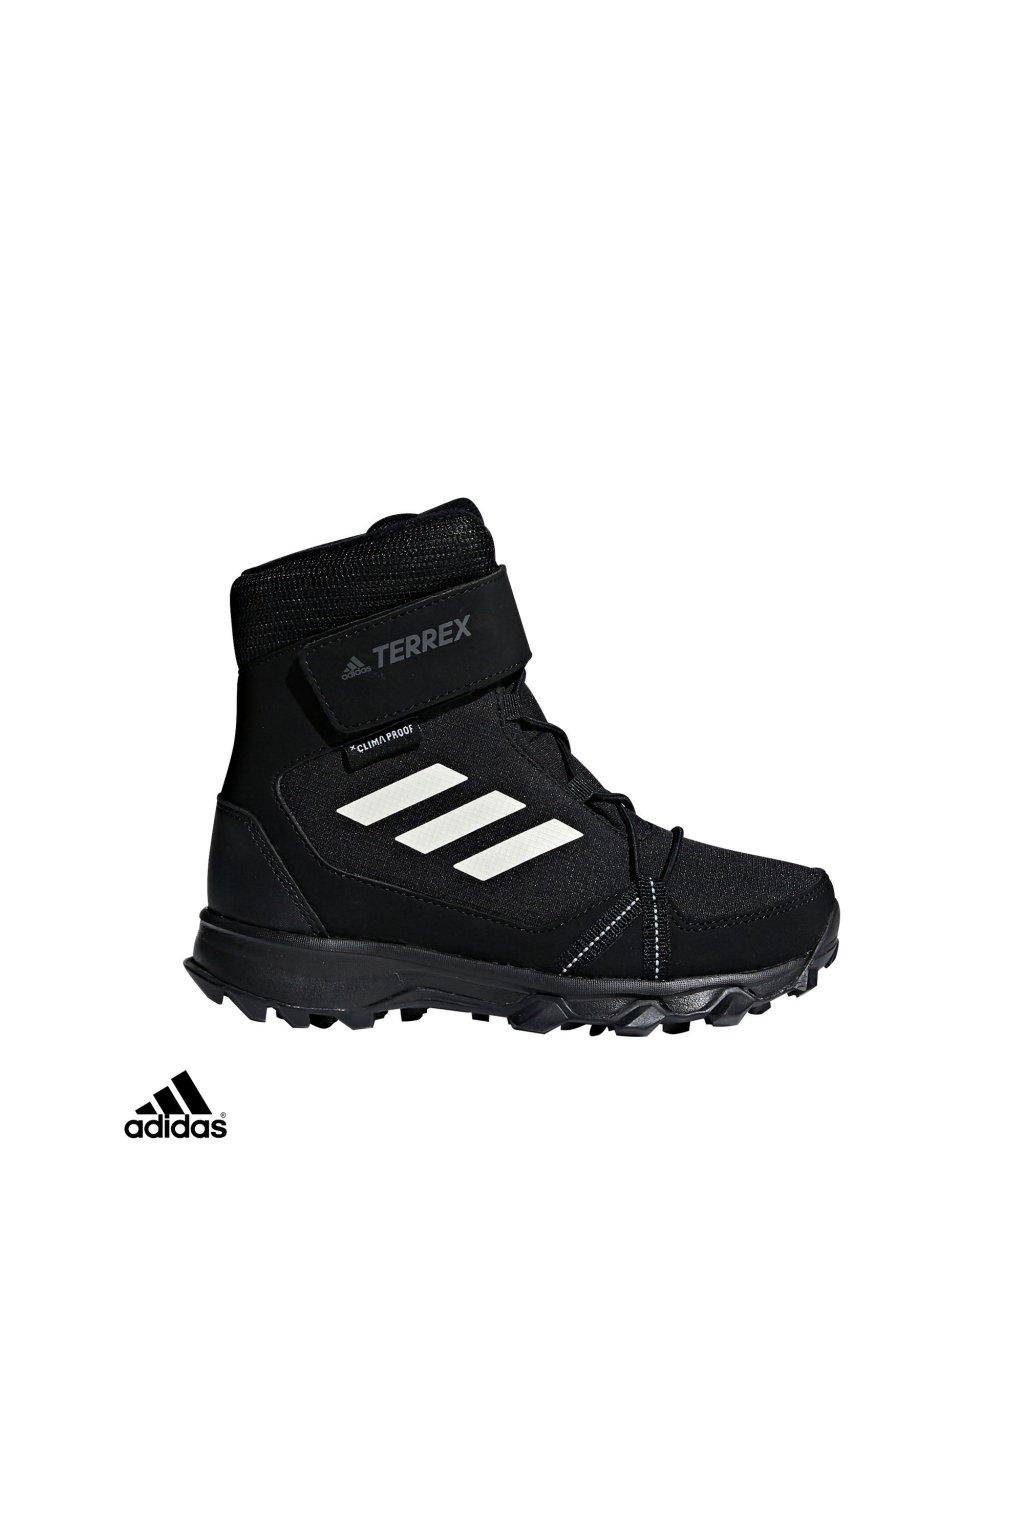 s80885 zimne detske topanky adidas terrex snow